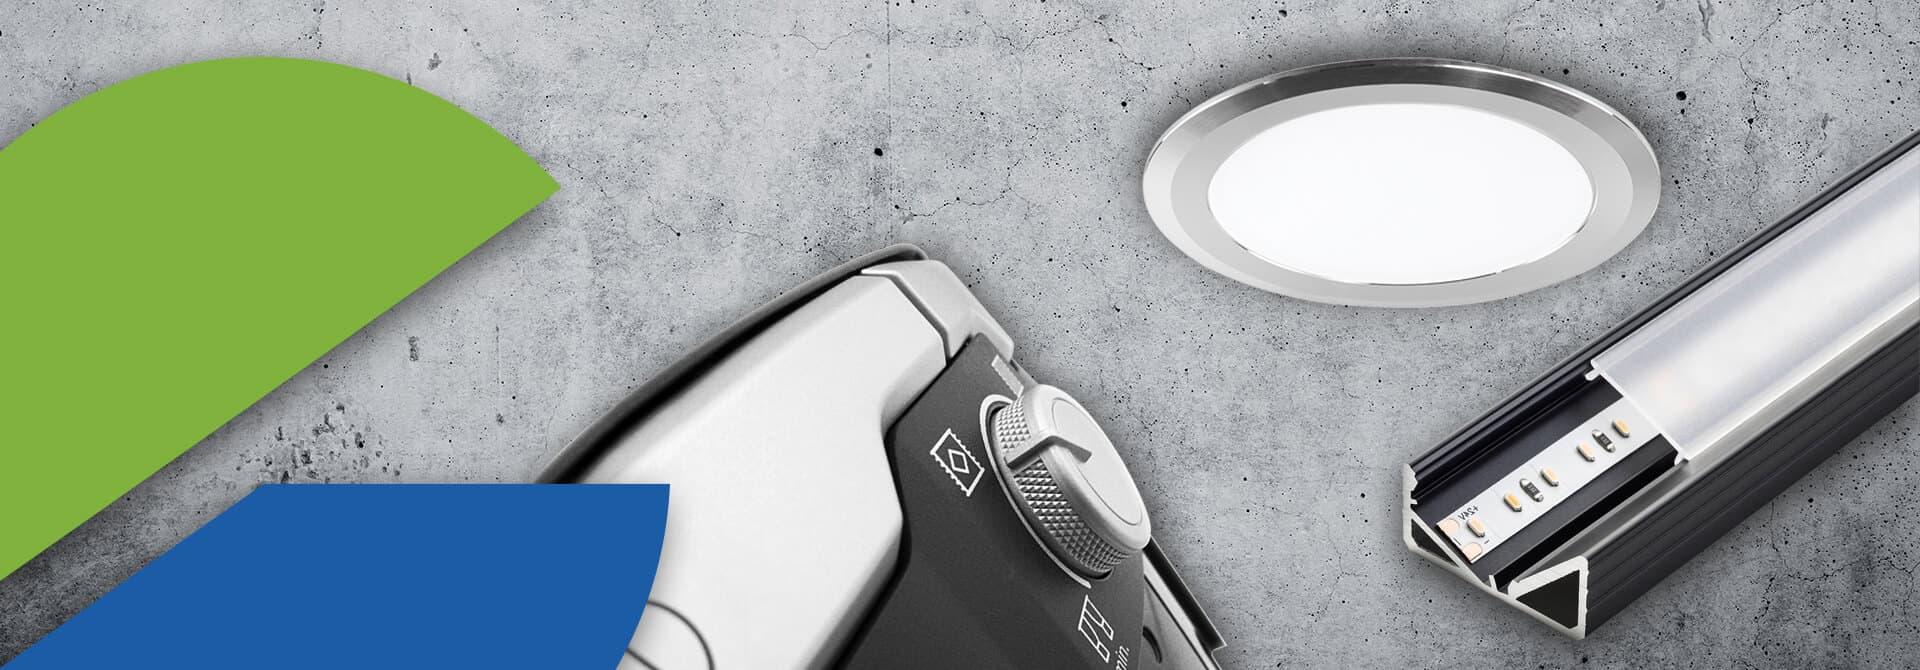 ELEKTRA LED-Leuchten und OEM-Komponente